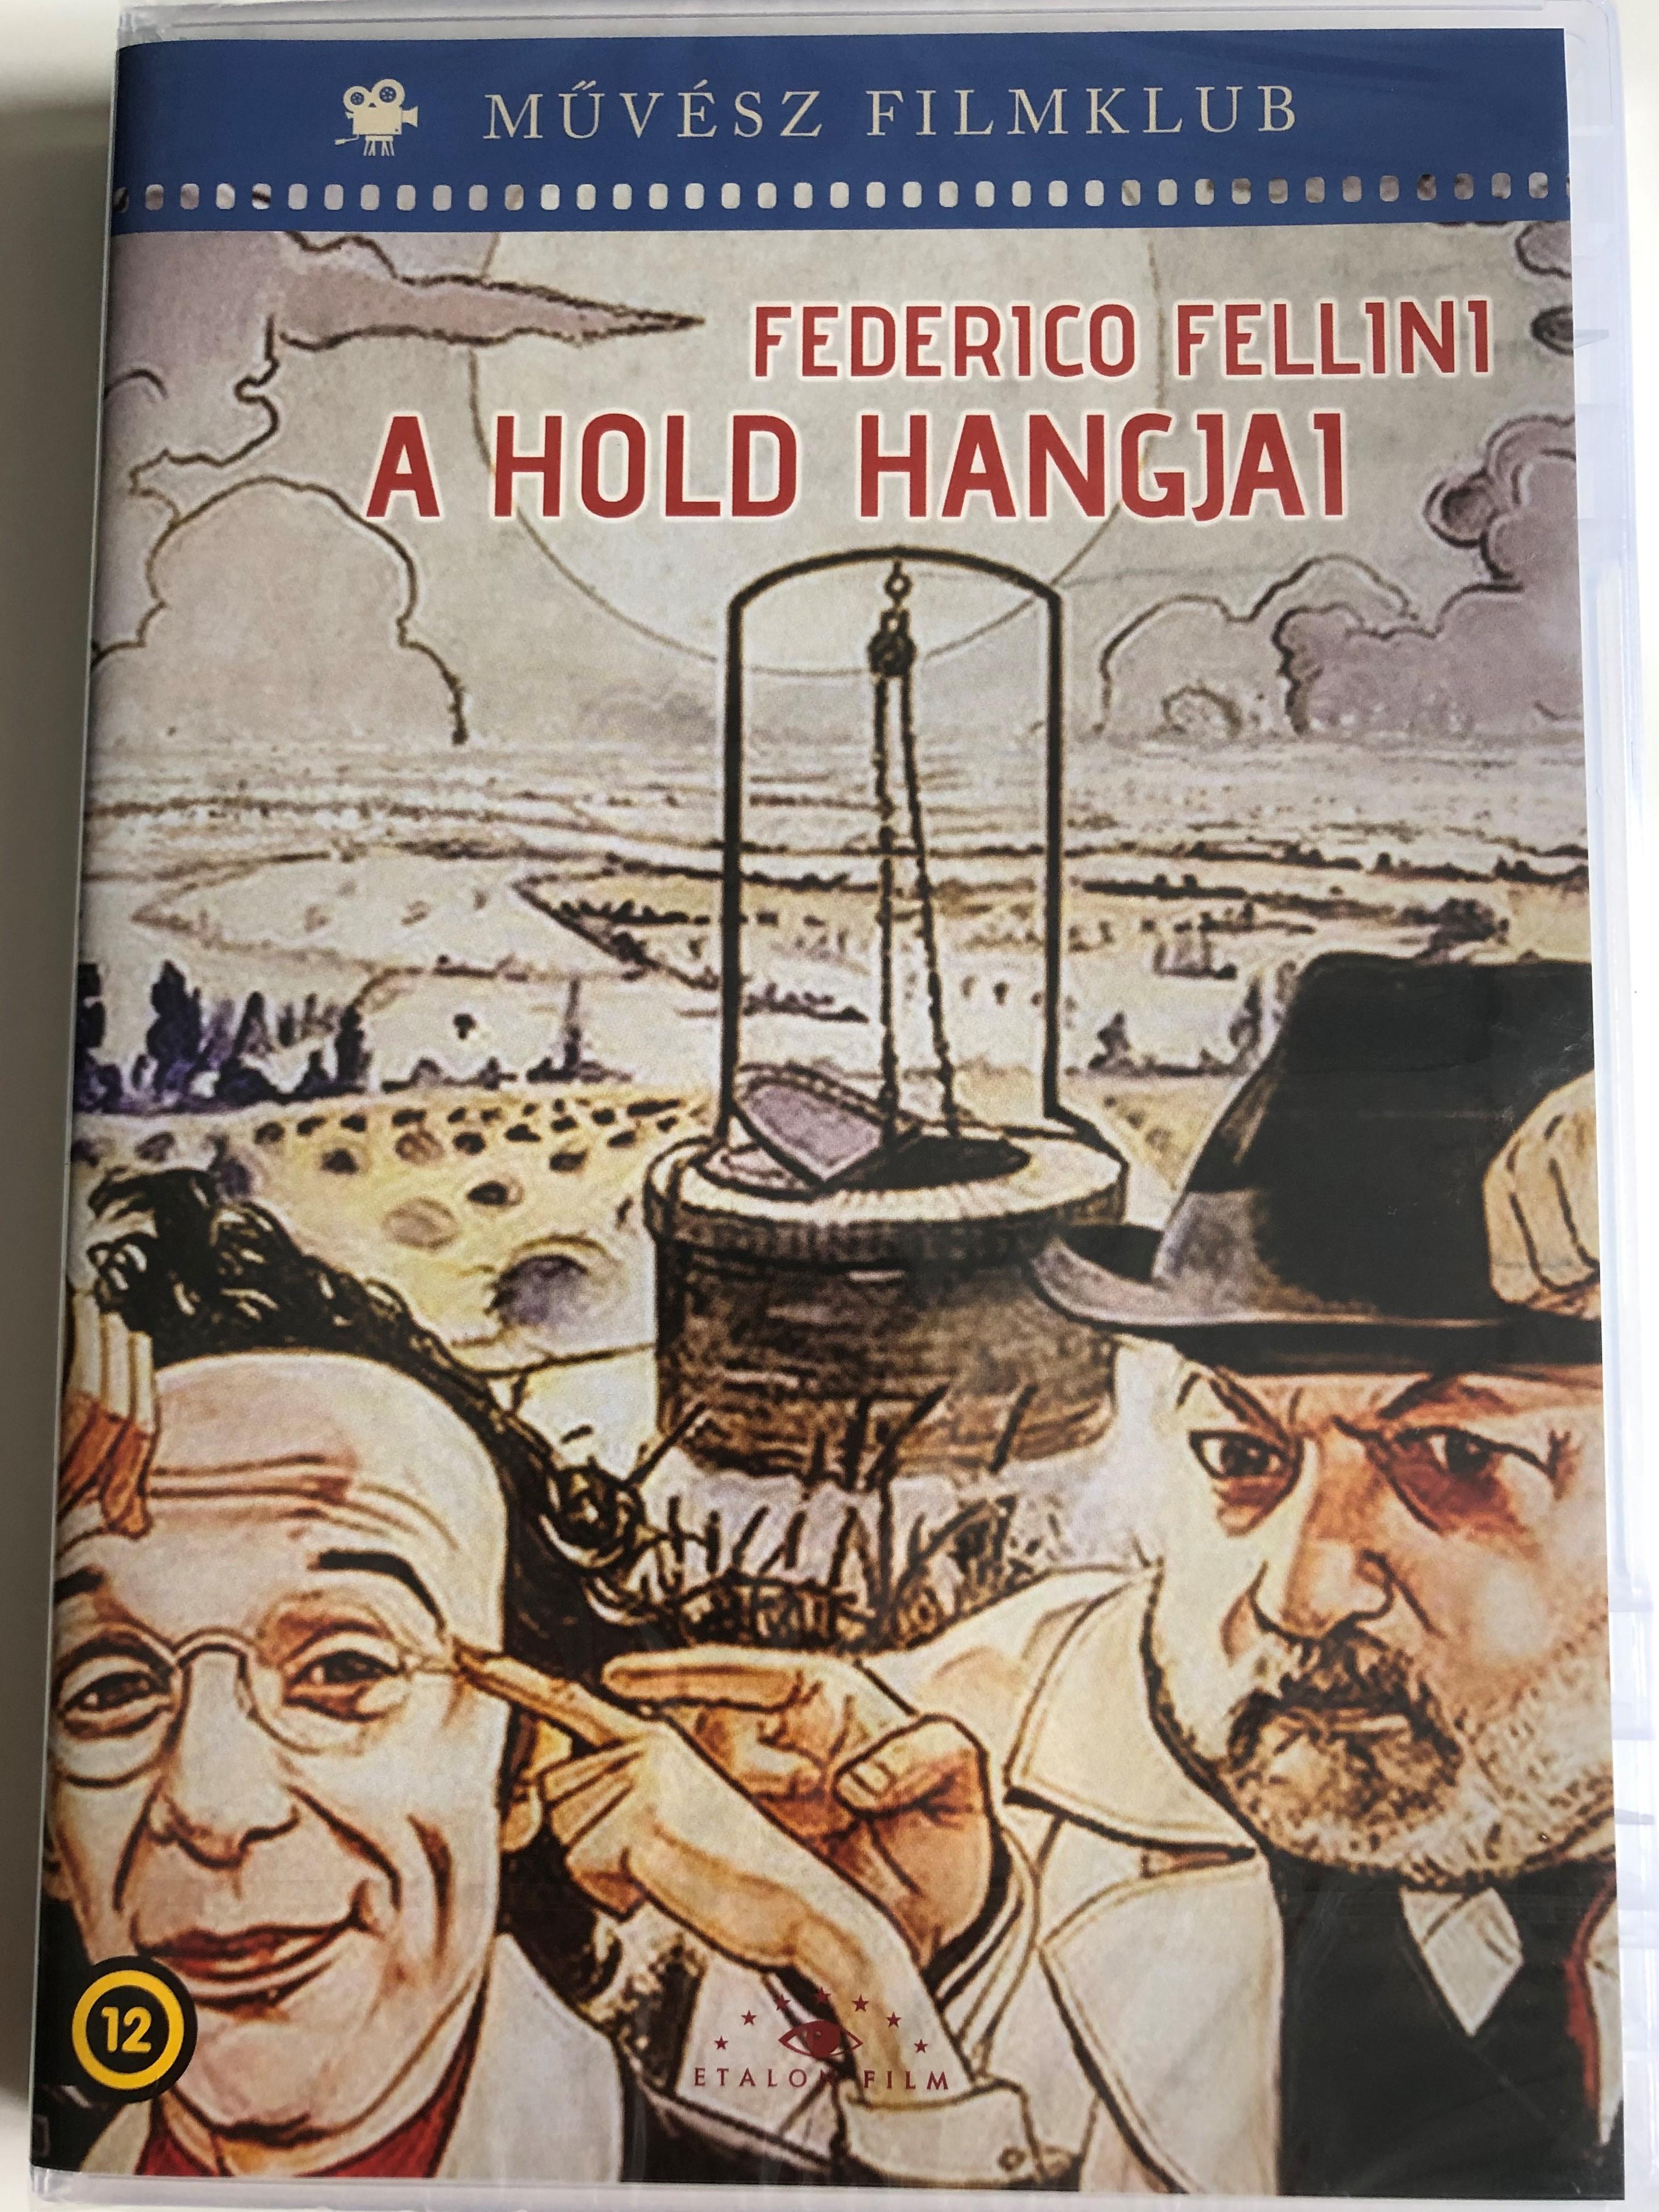 la-voce-della-luna-dvd-1990-a-hold-hangjai-the-voice-of-the-moon-directed-by-federico-fellini-starring-roberto-benigni-paolo-villaggio-nadia-ottaviani-1-.jpg